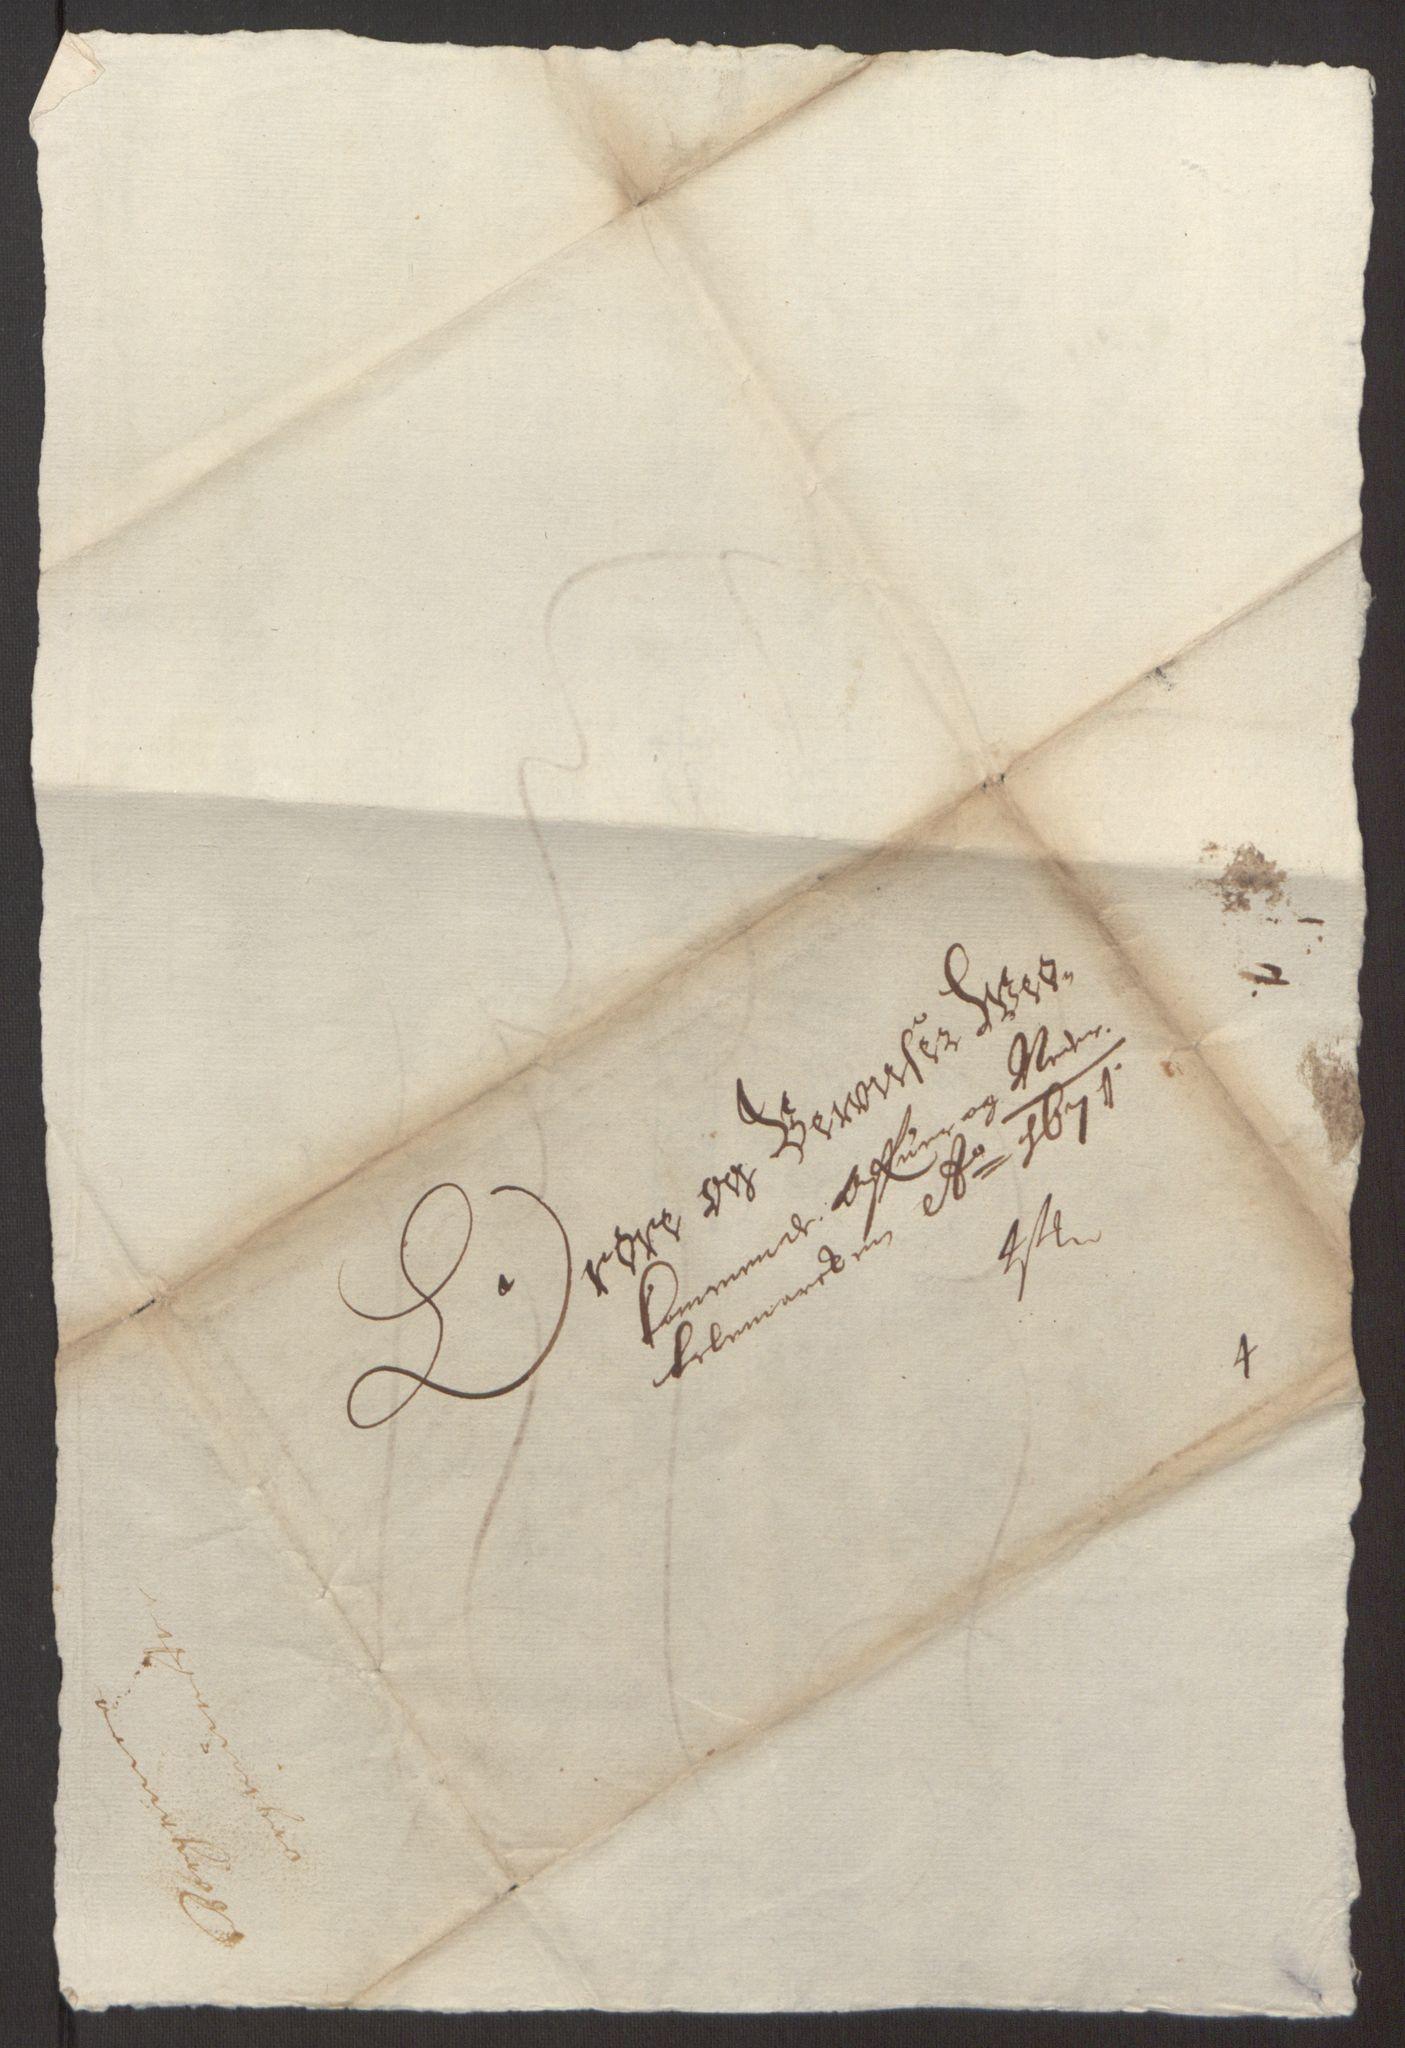 RA, Rentekammeret inntil 1814, Reviderte regnskaper, Fogderegnskap, R35/L2060: Fogderegnskap Øvre og Nedre Telemark, 1671-1672, s. 217